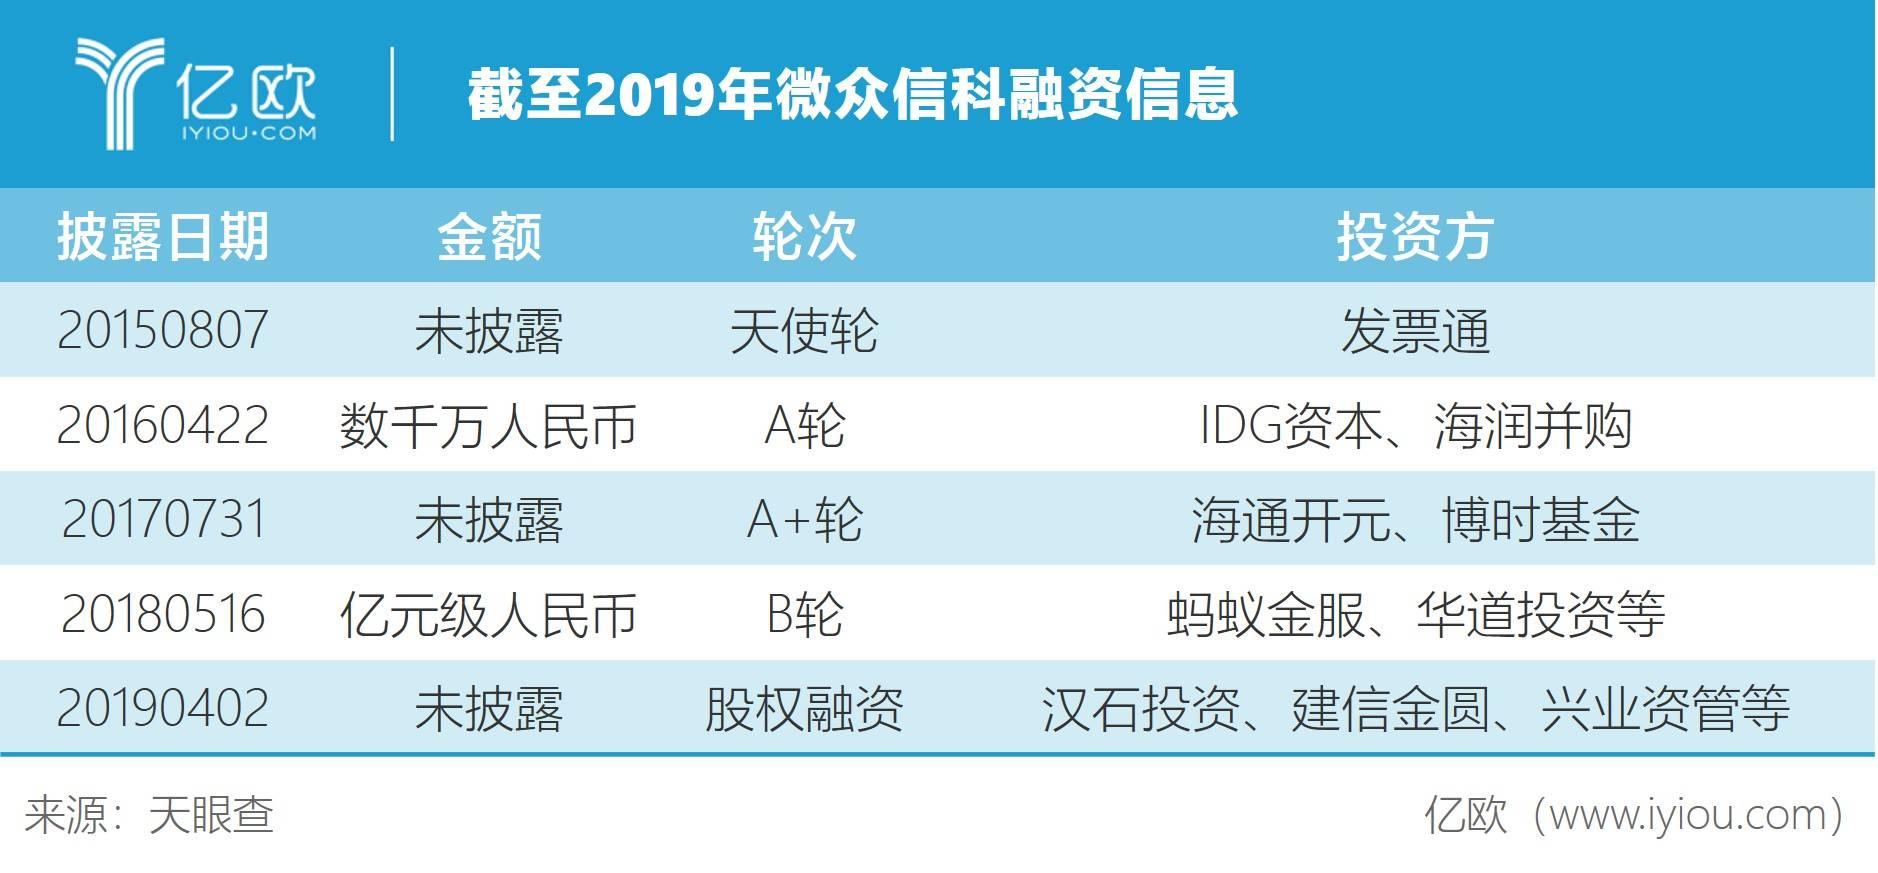 截至2019年微多信科融资新闻